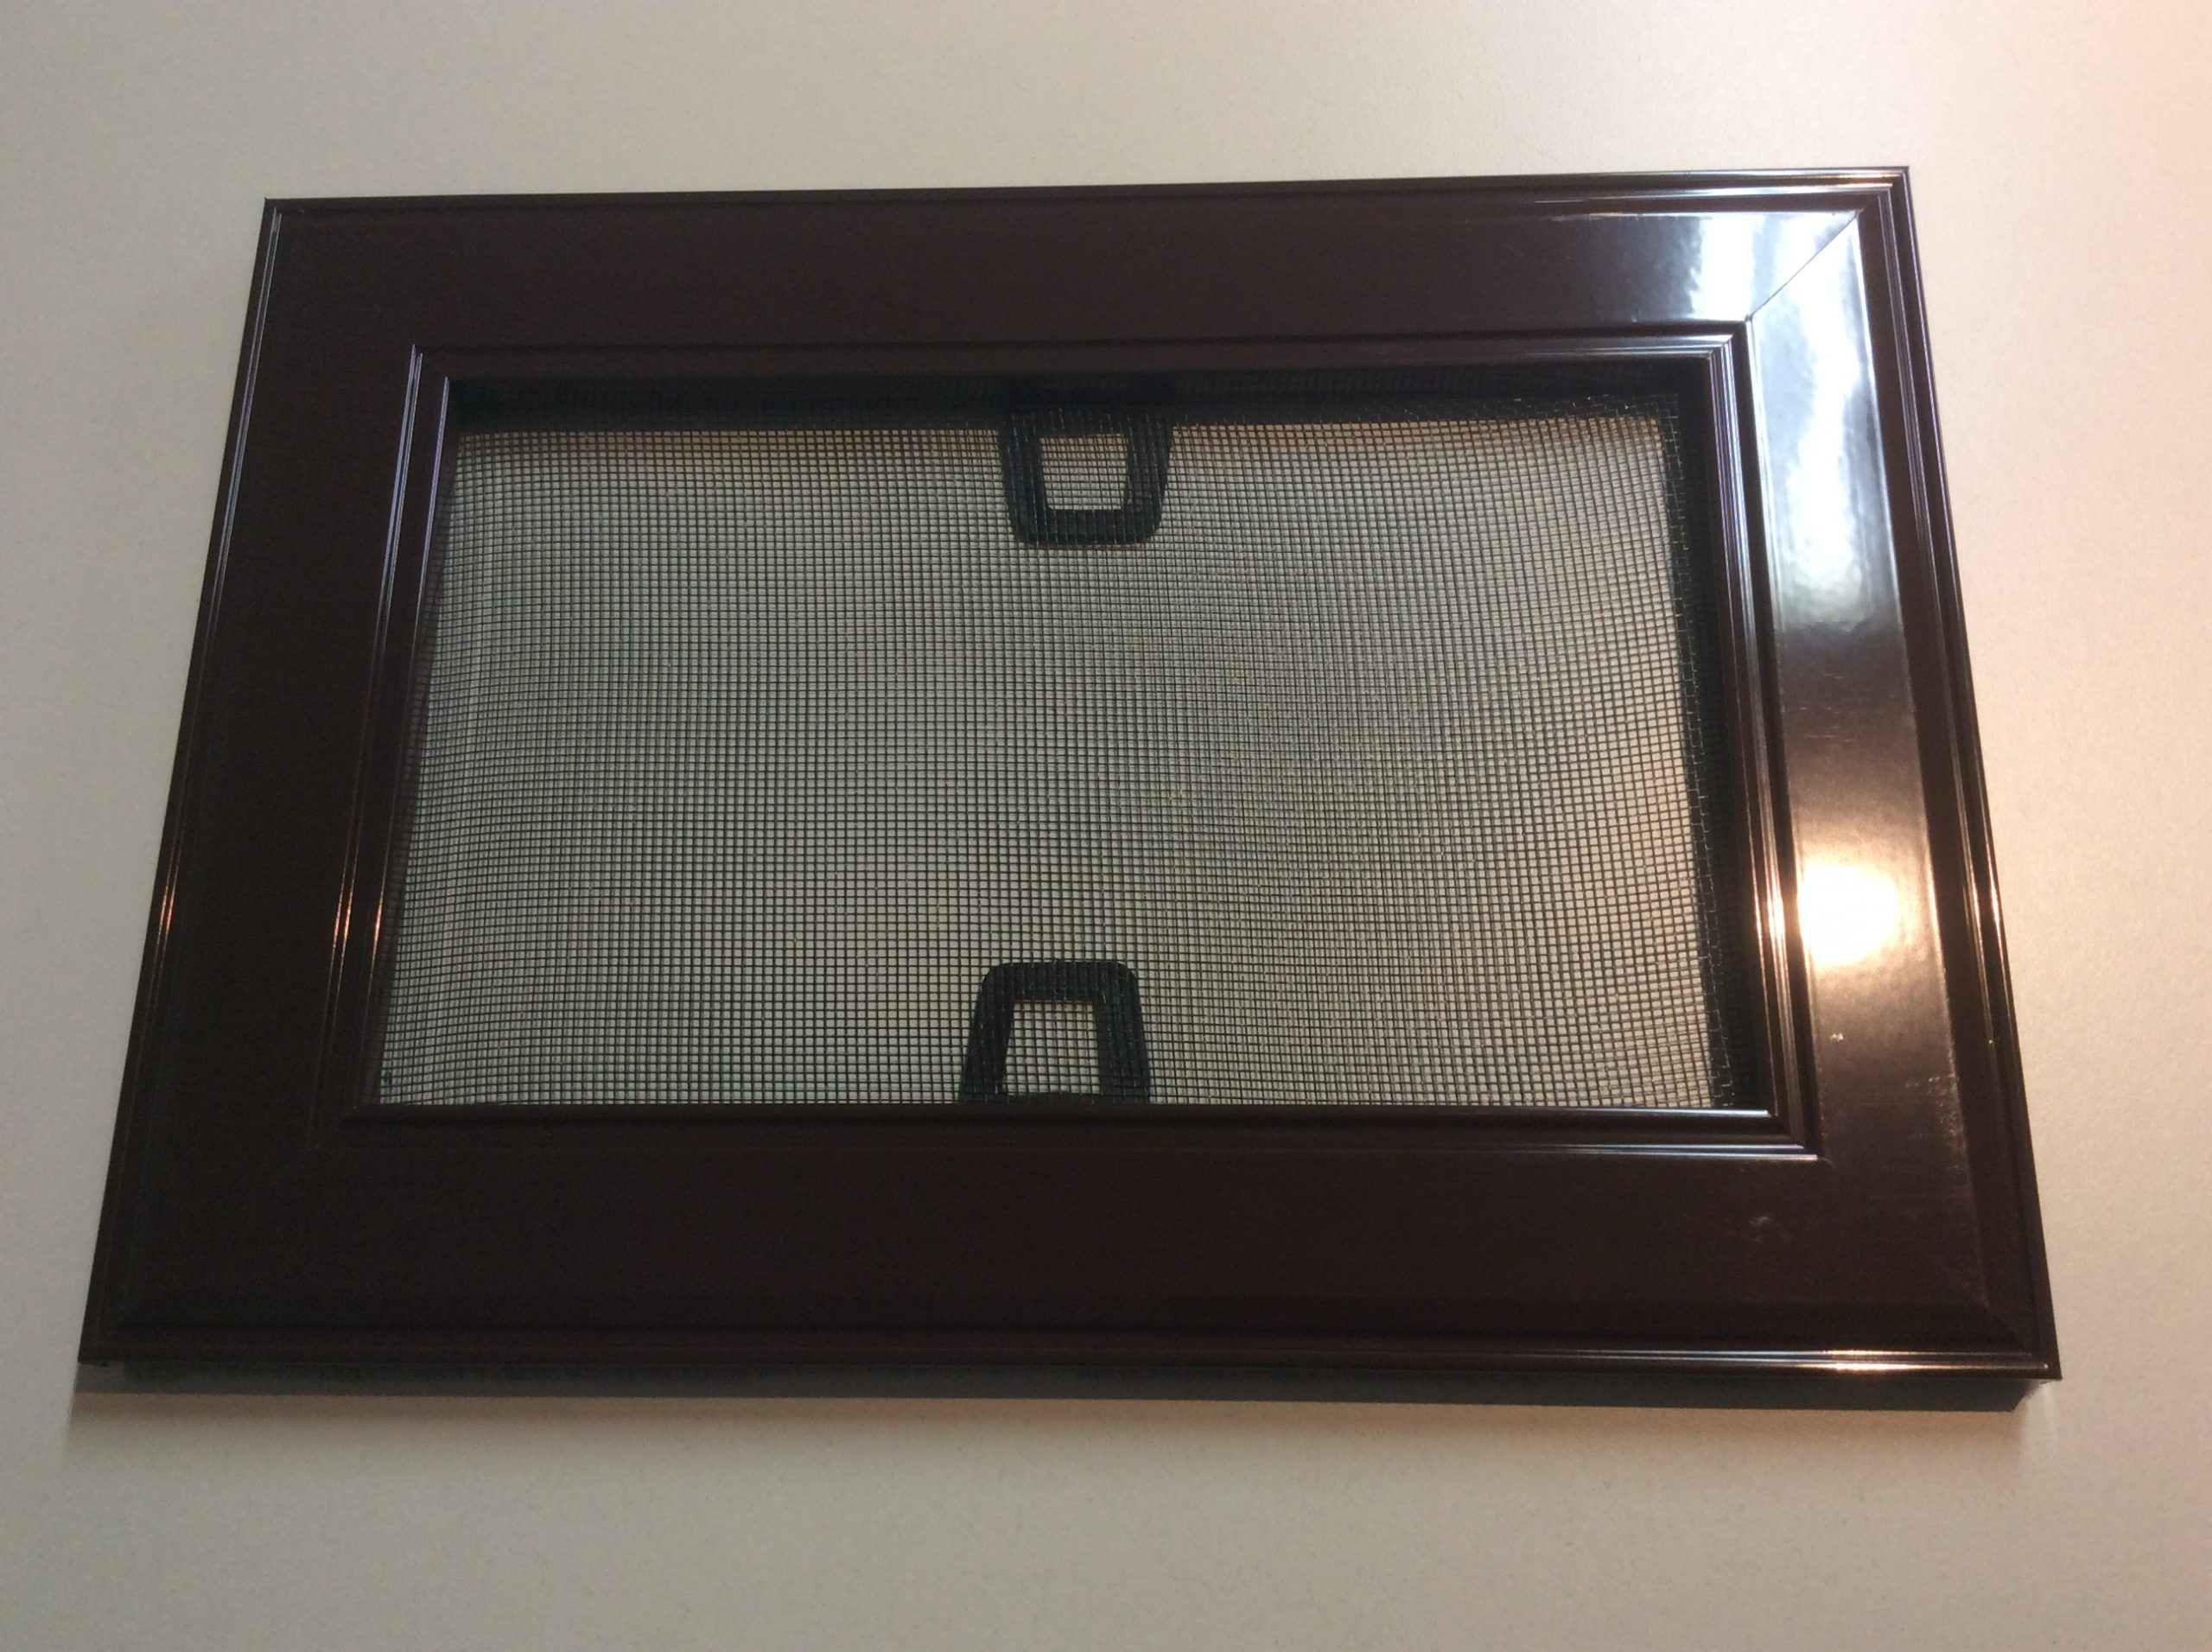 Full Size of Fenster Braun Perfect Insektenschutz Rahmen Fr Fertigrahmen Fliegennetz Einbruchsicher Nachrüsten Sichtschutz Für Einbruchsicherung Ebay Insektenschutzgitter Fenster Fenster Braun